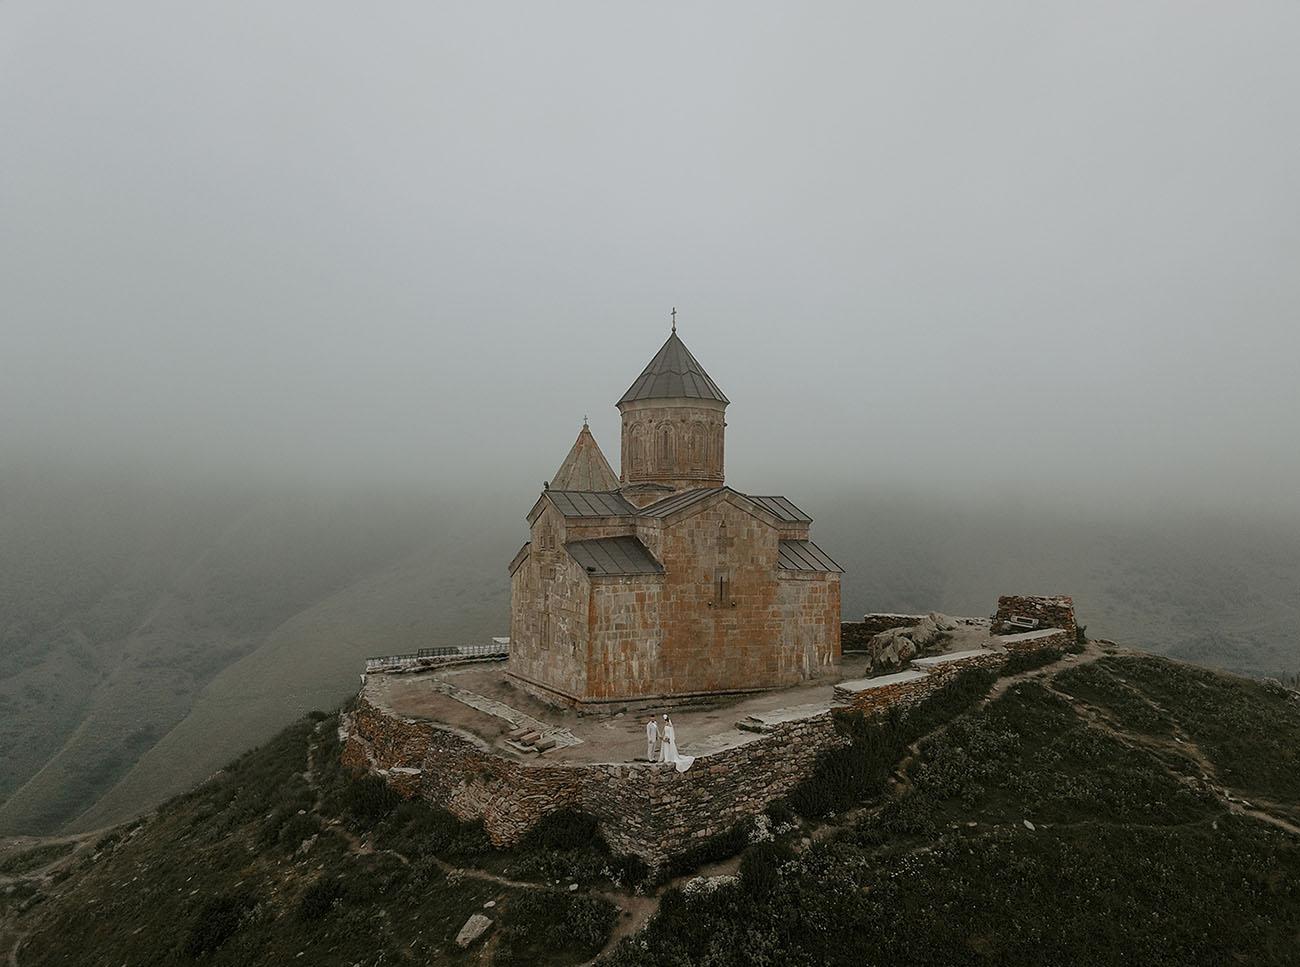 Gergeti Church in Georgia